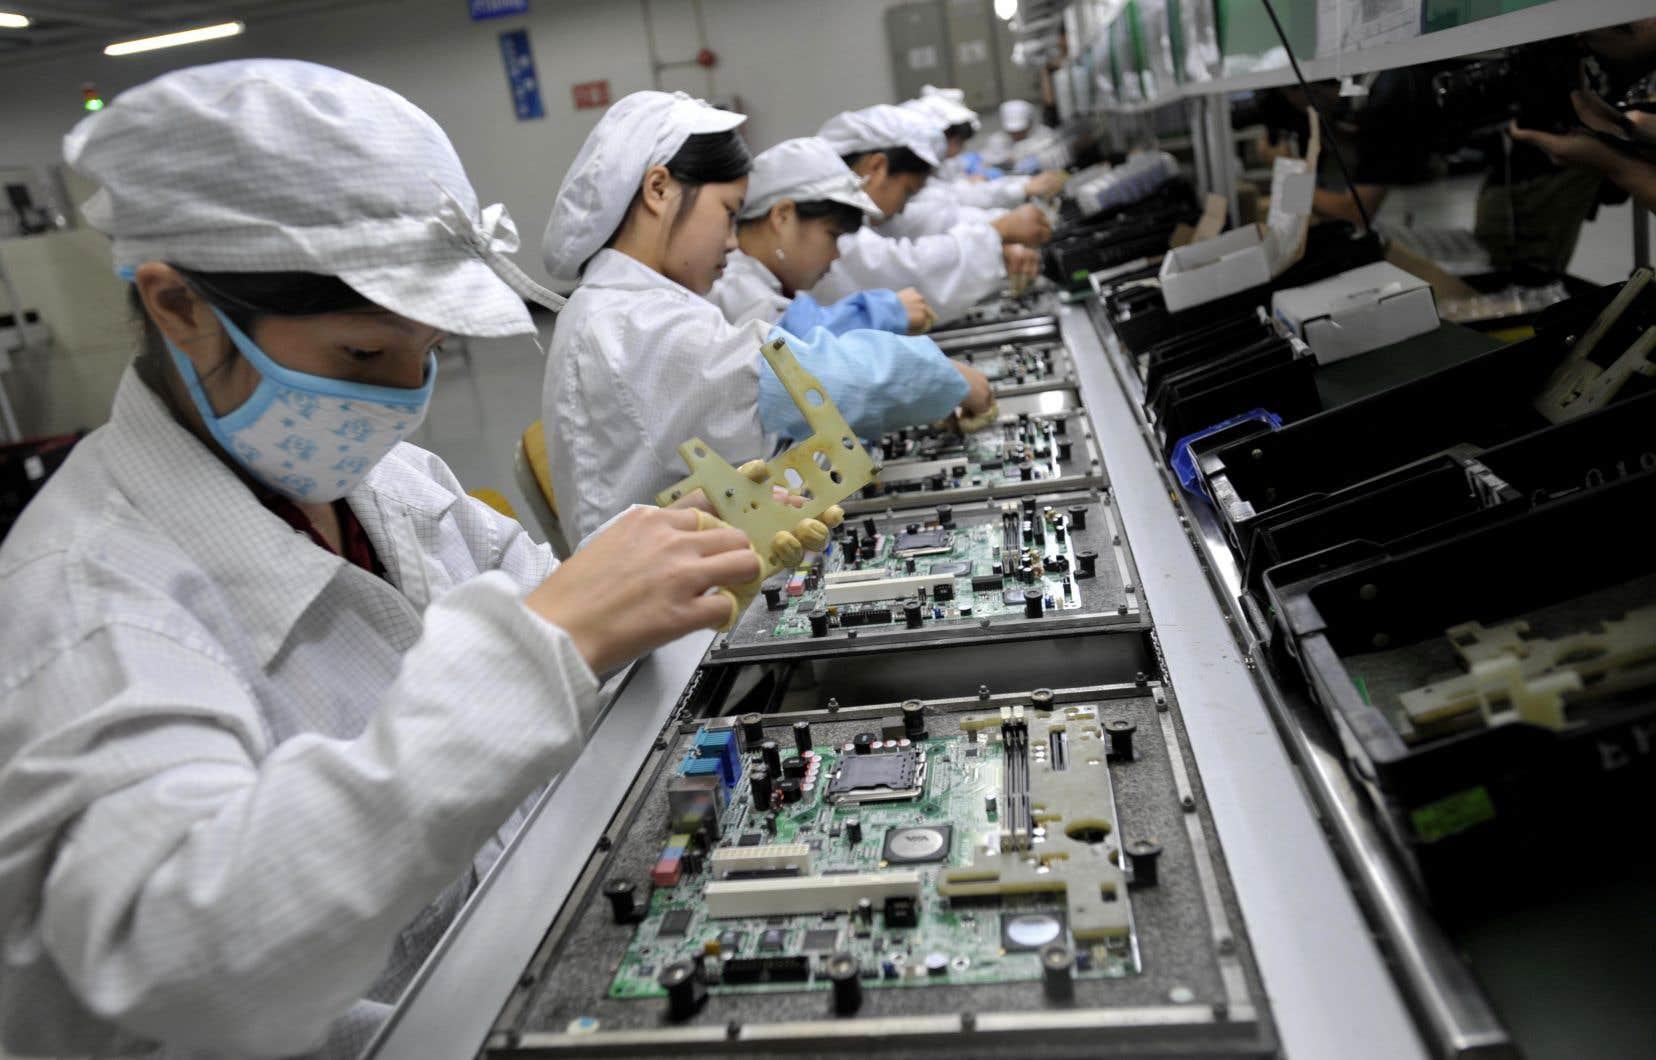 Le coronavirus est-il en train de changer la donne dans les échanges internationaux, qui se sont accélérés depuis plus d'une trentaine d'années, faisant de la Chine la plus grande usine du monde?